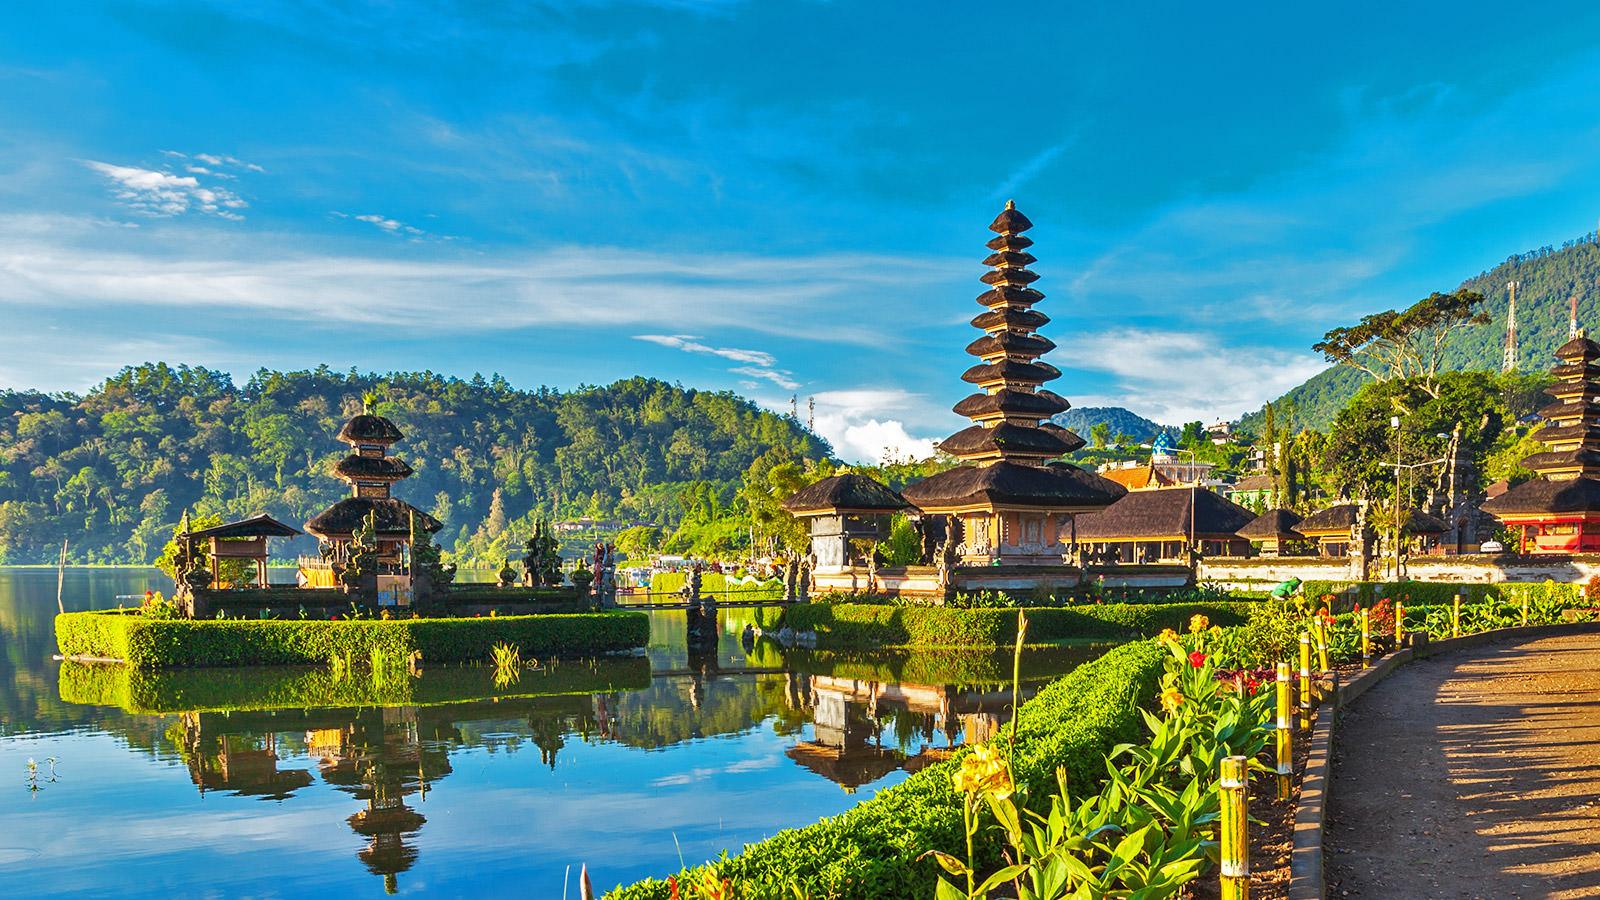 شهر پر جاذبه و دیدنی بالی در اندونزی